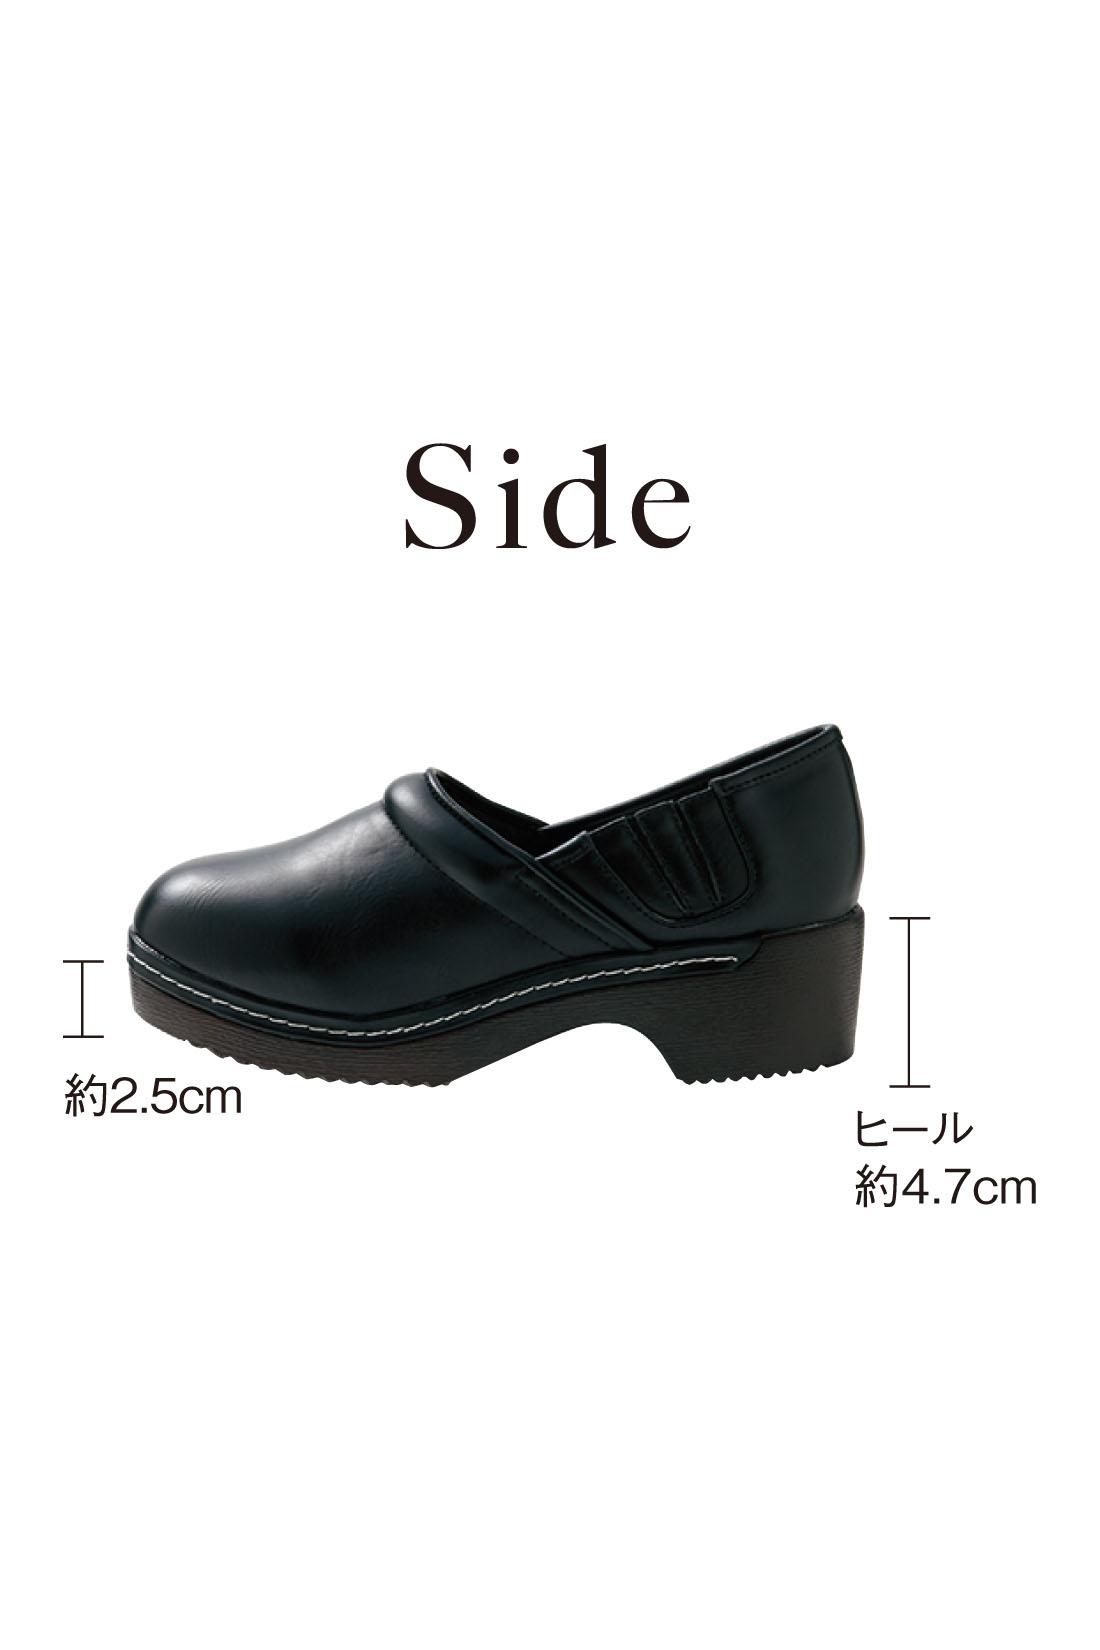 手を使わずすぽっと履けて脱げにくいサイドゴム仕様。がっしり底で美脚に見せつつ、安定感のある履き心地です。